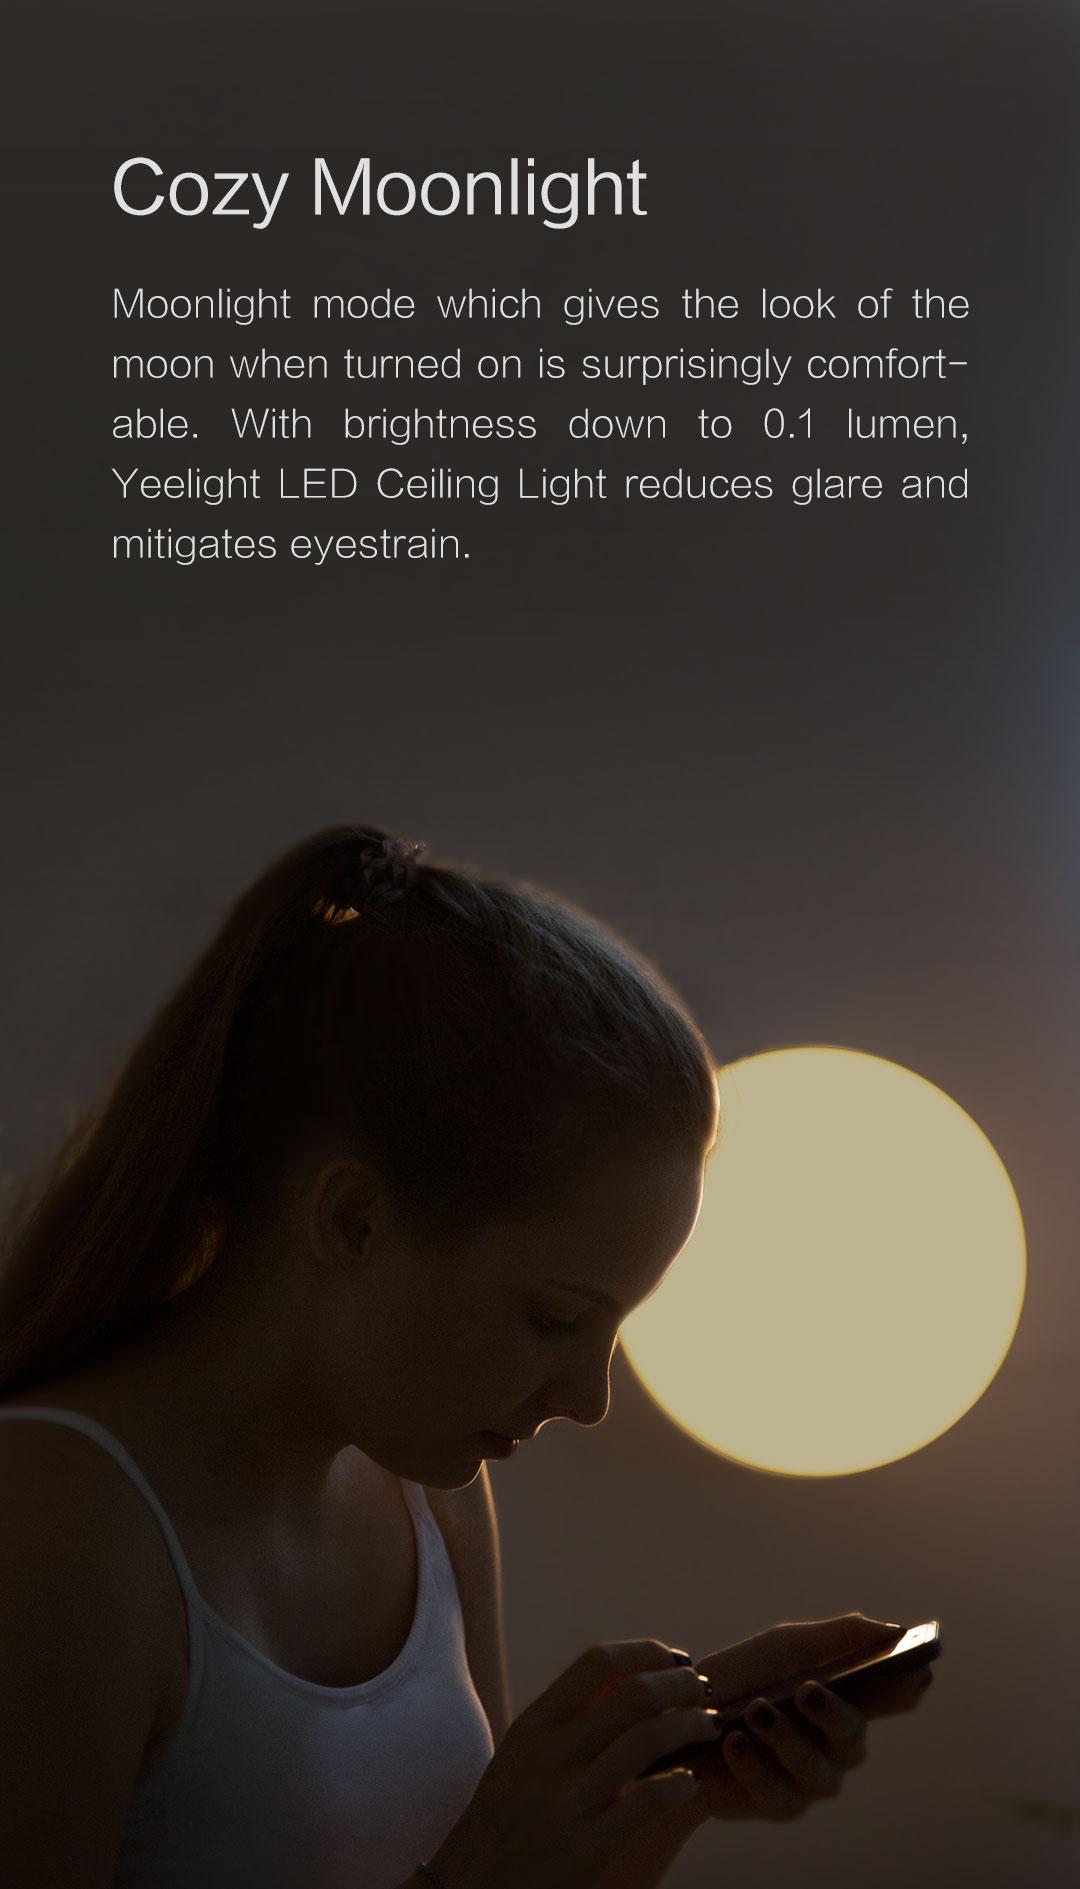 LED Ceiling Light-luna-Yeelight